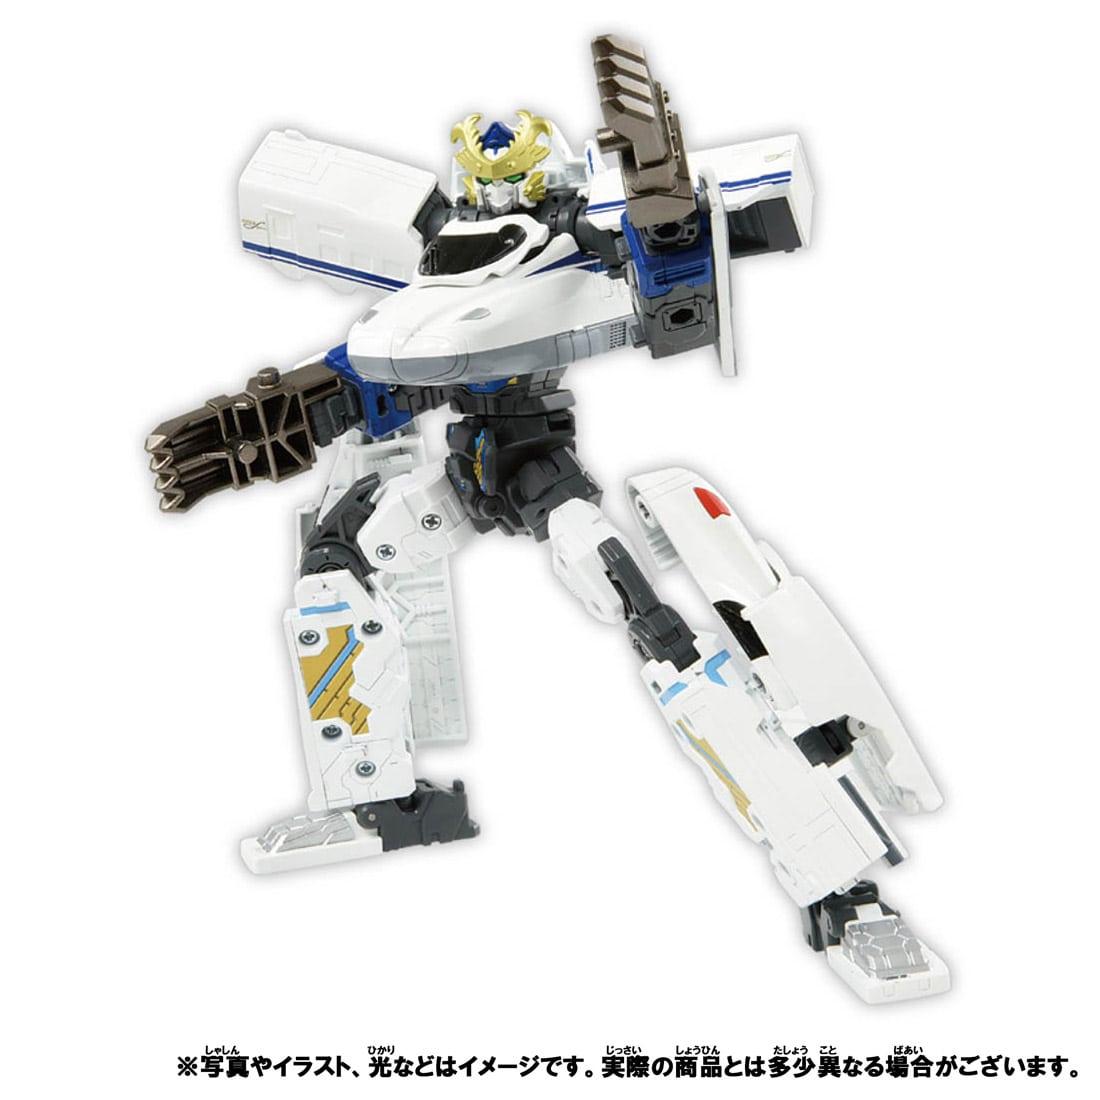 新幹線変形ロボ シンカリオンZ『シンカリオンZ N700Sヒダ』可変合体プラレール-008